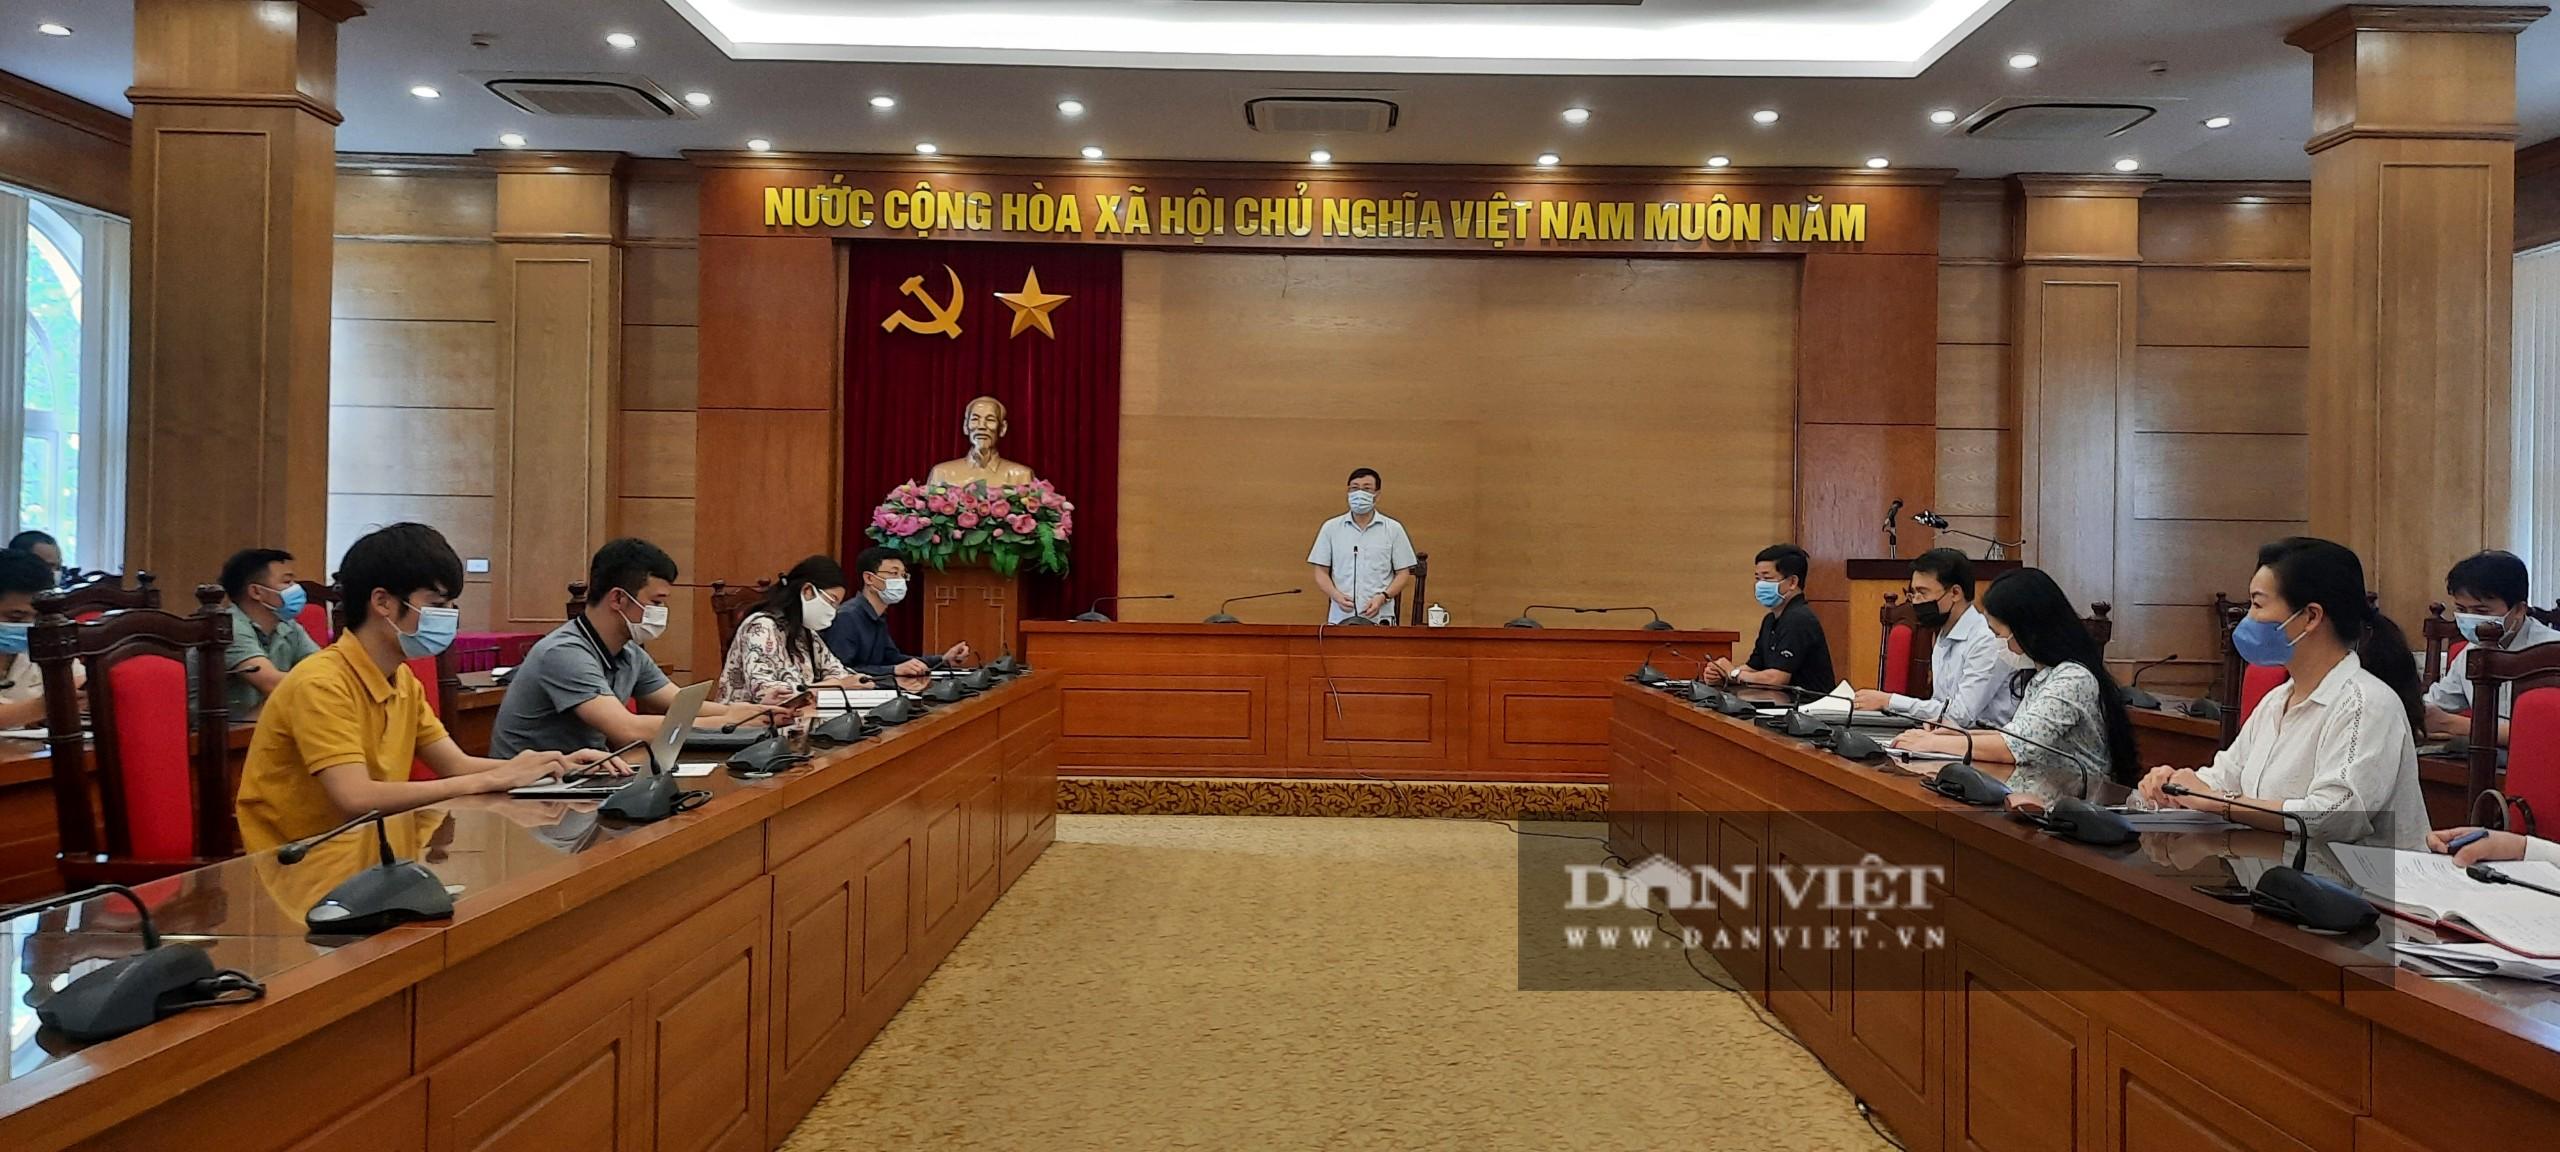 """Chủ tịch UBND tỉnh Vĩnh Phúc: """"Khi được công bố có dịch coi như là địa phương có chiến tranh"""" - Ảnh 2."""